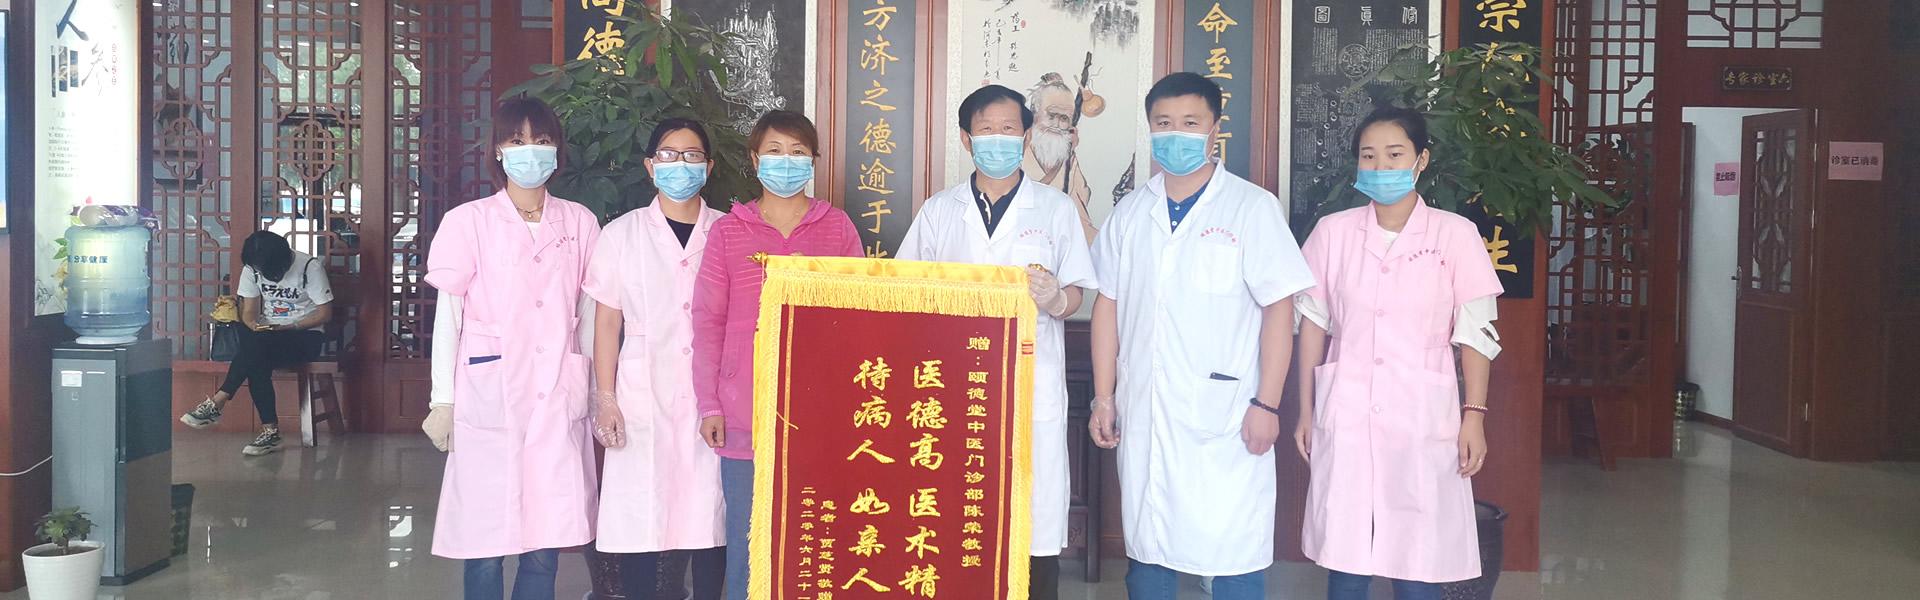 咸阳中医馆